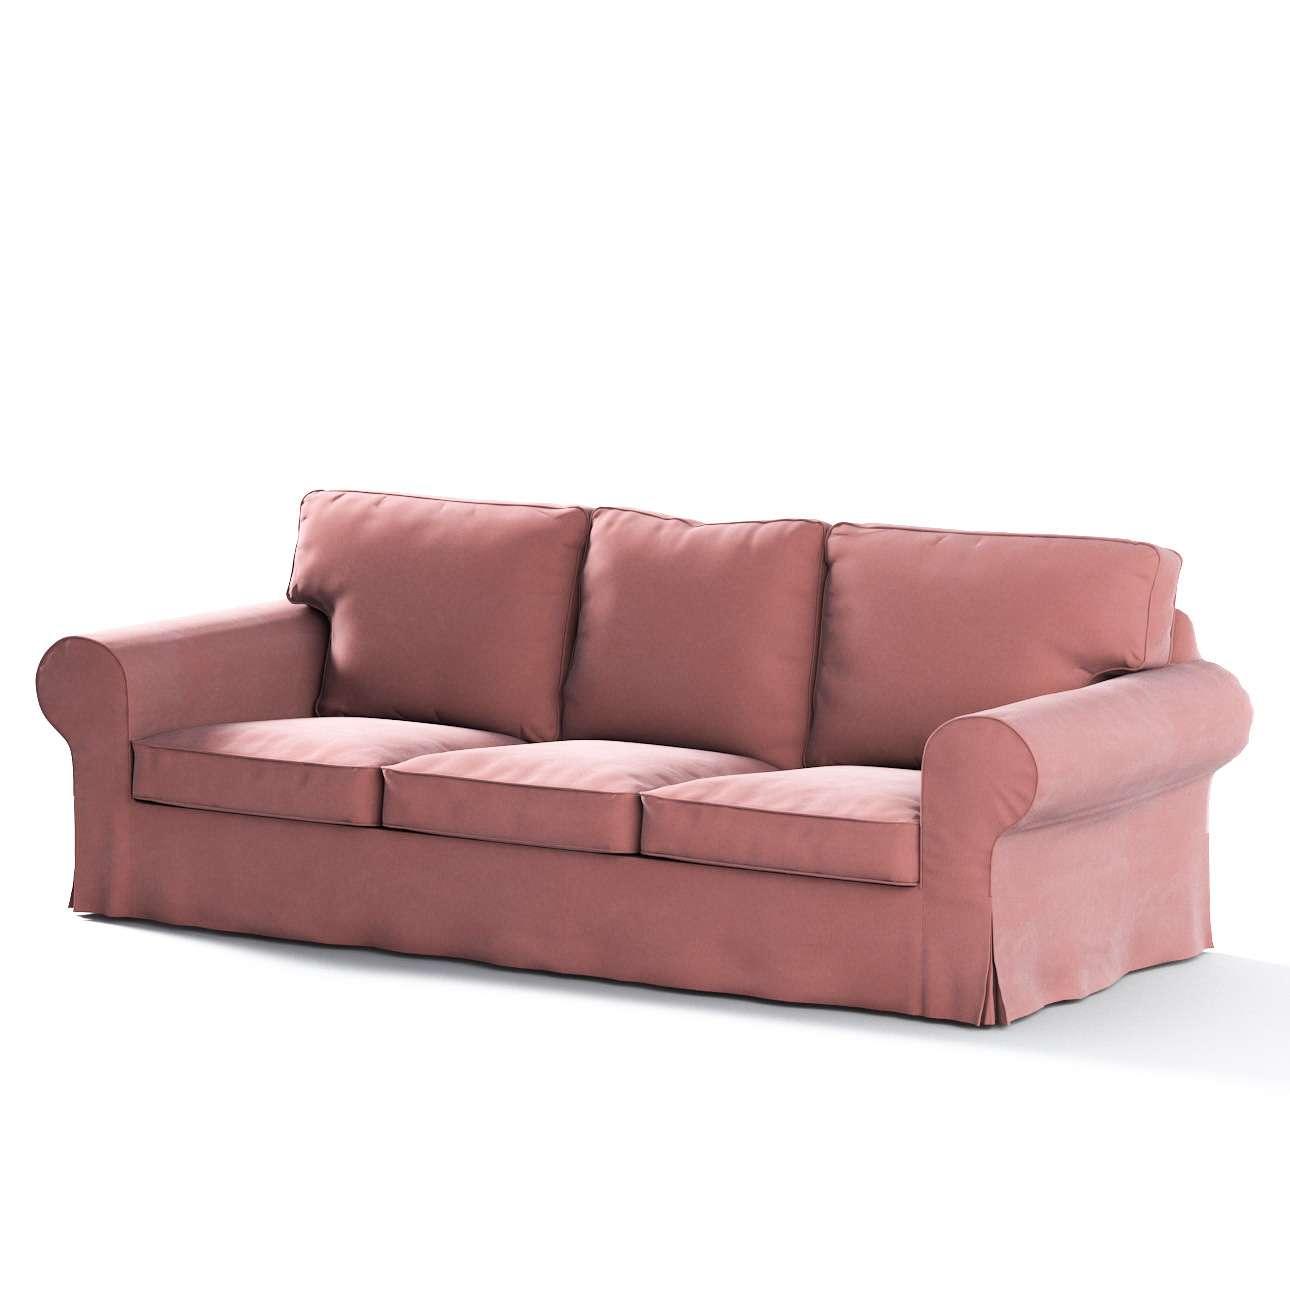 Pokrowiec na sofę Ektorp 3-osobową, nierozkładaną w kolekcji Velvet, tkanina: 704-30